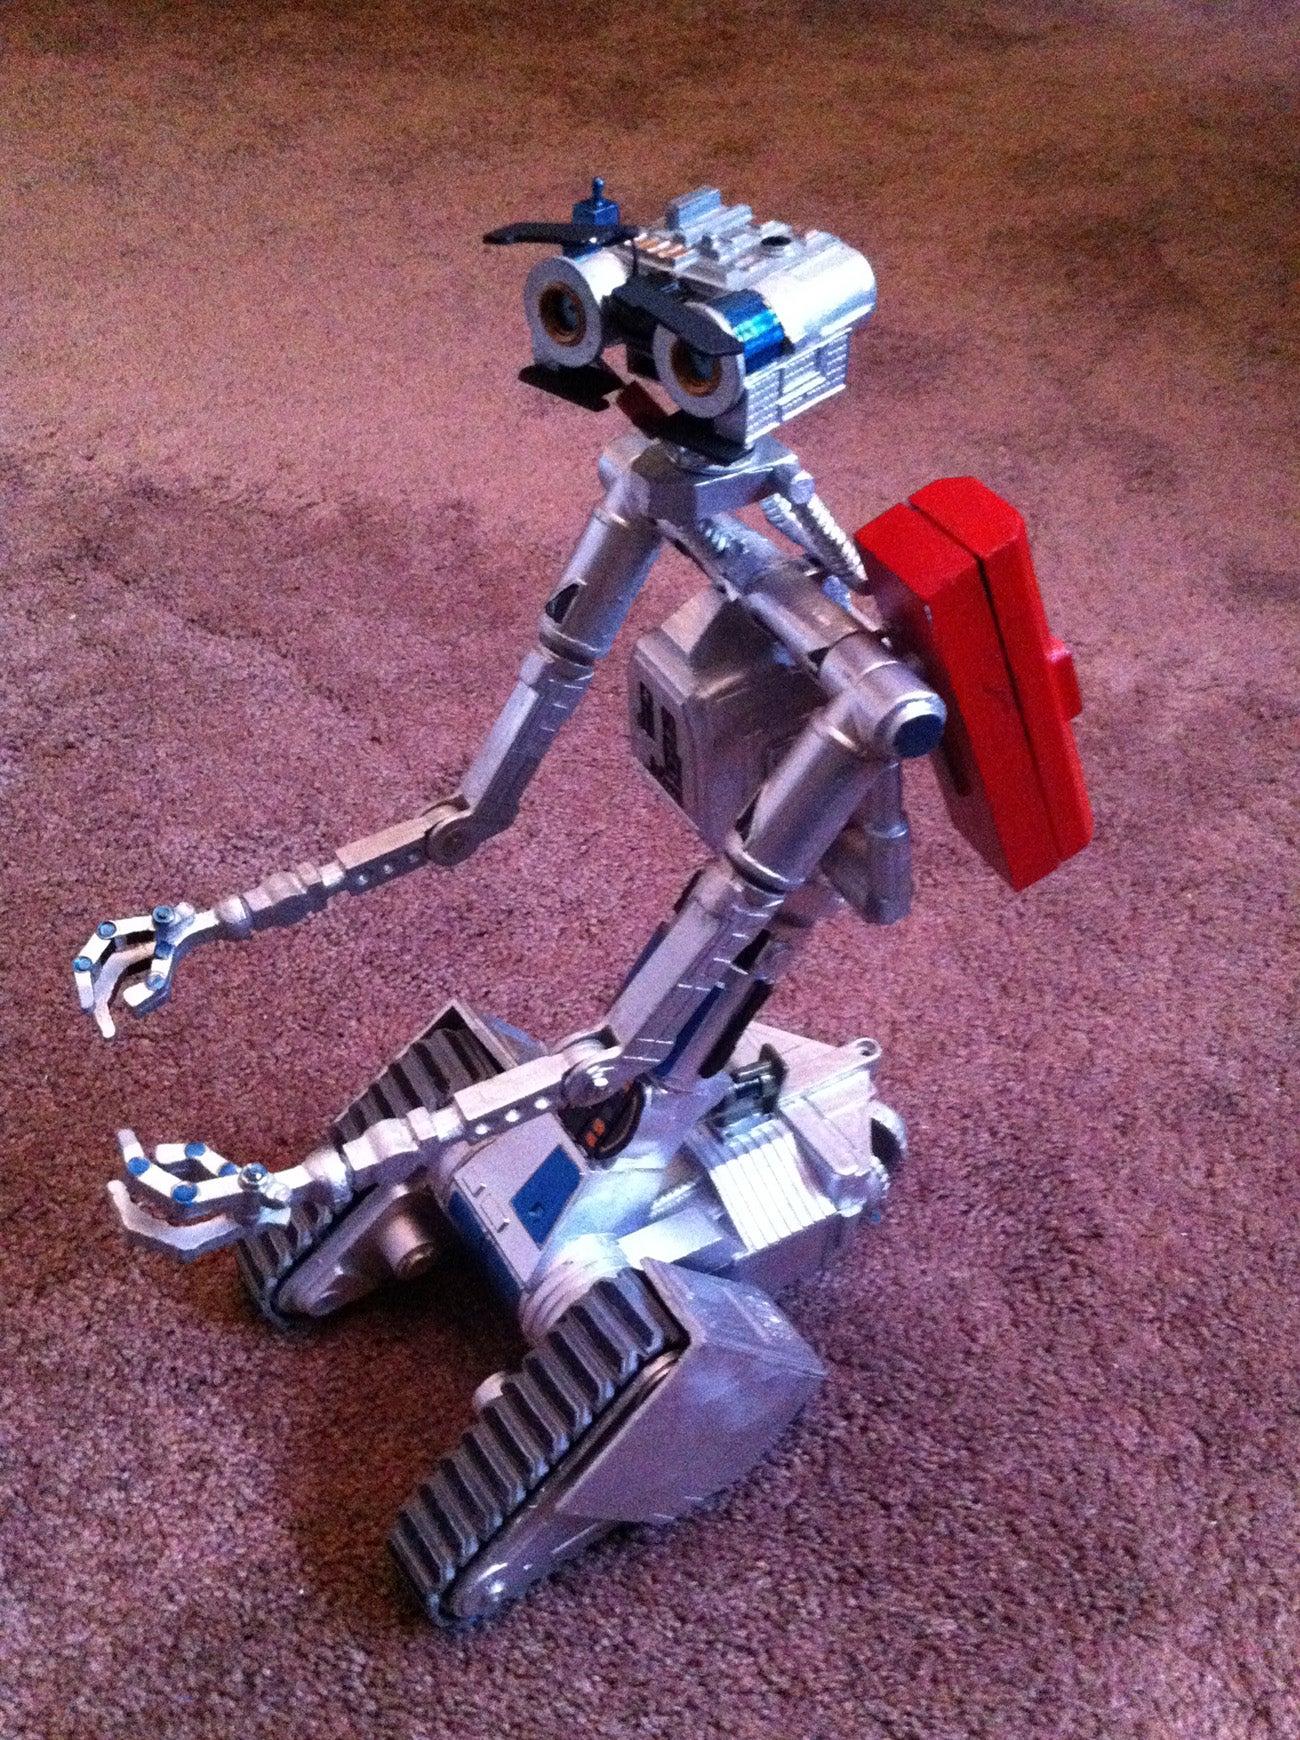 Nova Project J5 Johnny Five Aluminum Robot V 4 Steps Short Circuit Robots